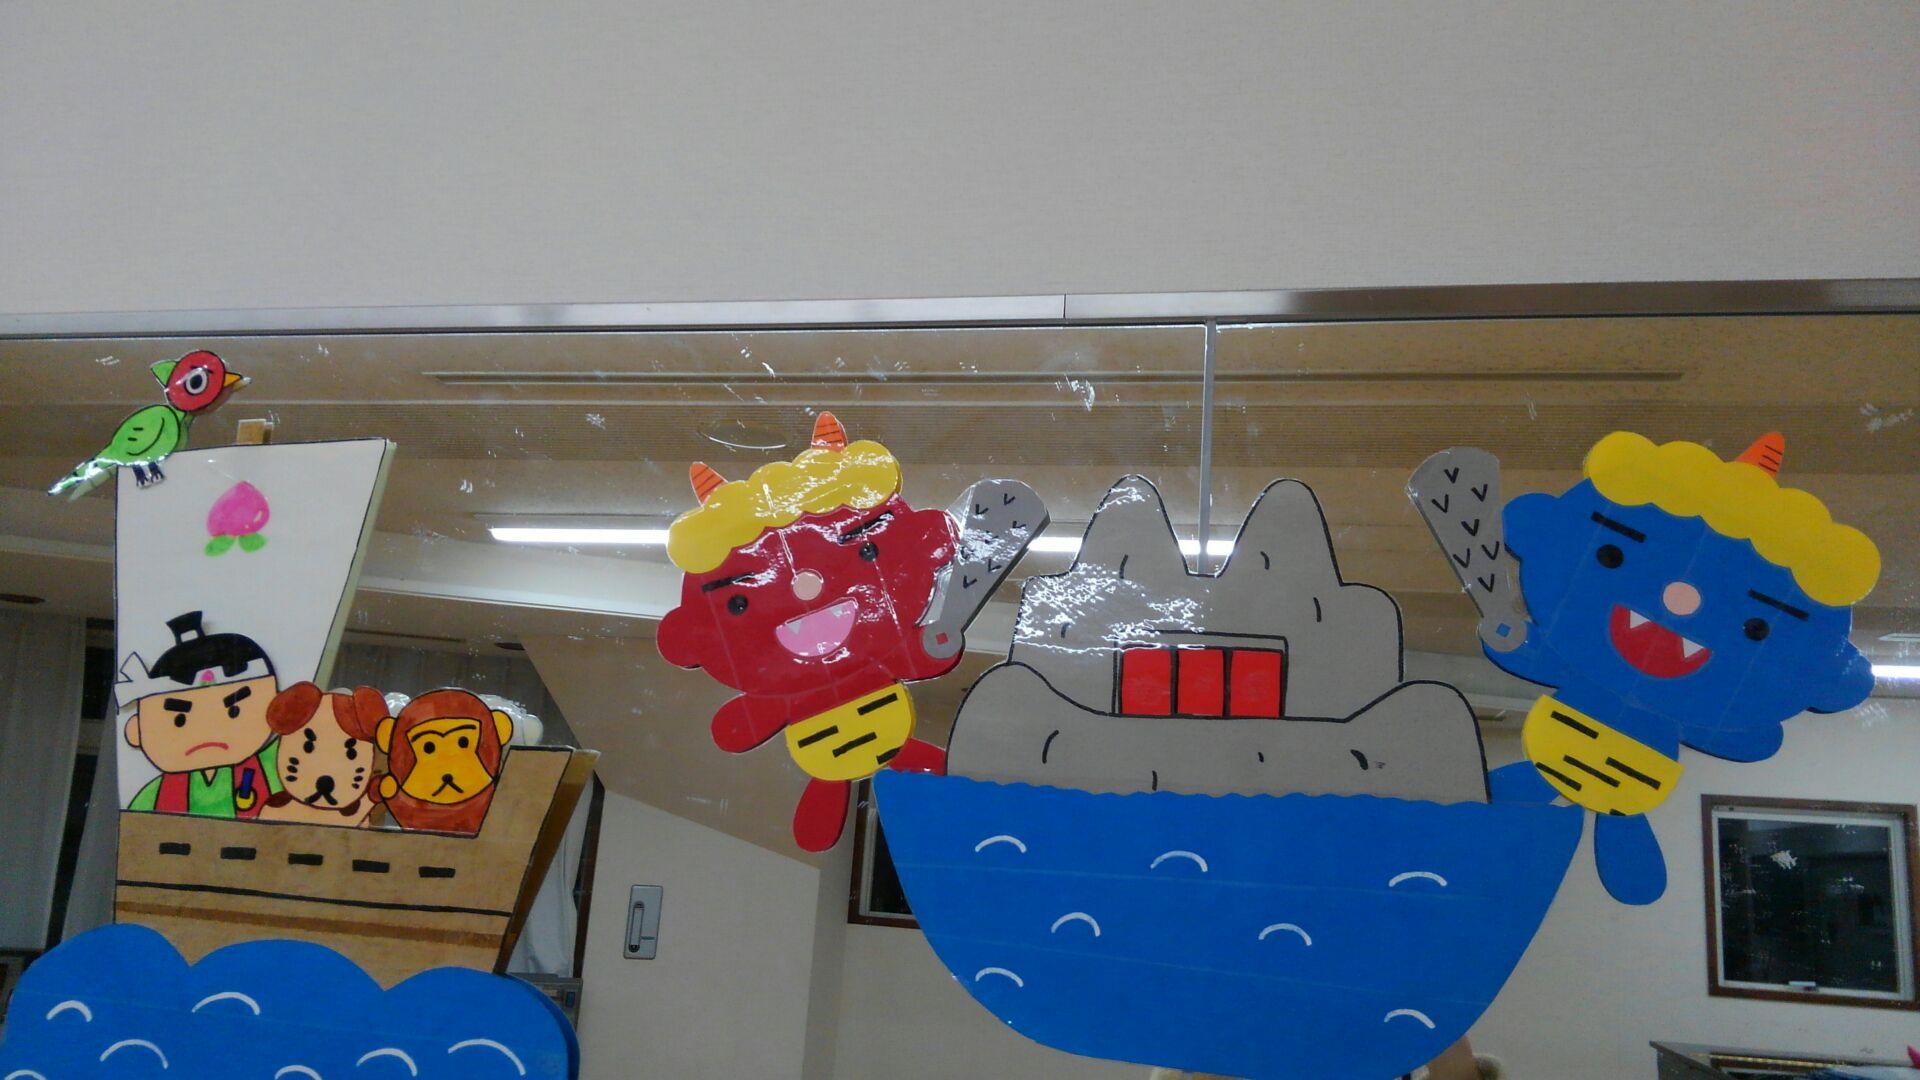 赤鬼と青鬼のいる鬼が島へ船で向かう桃太郎・猿・犬・きじ。